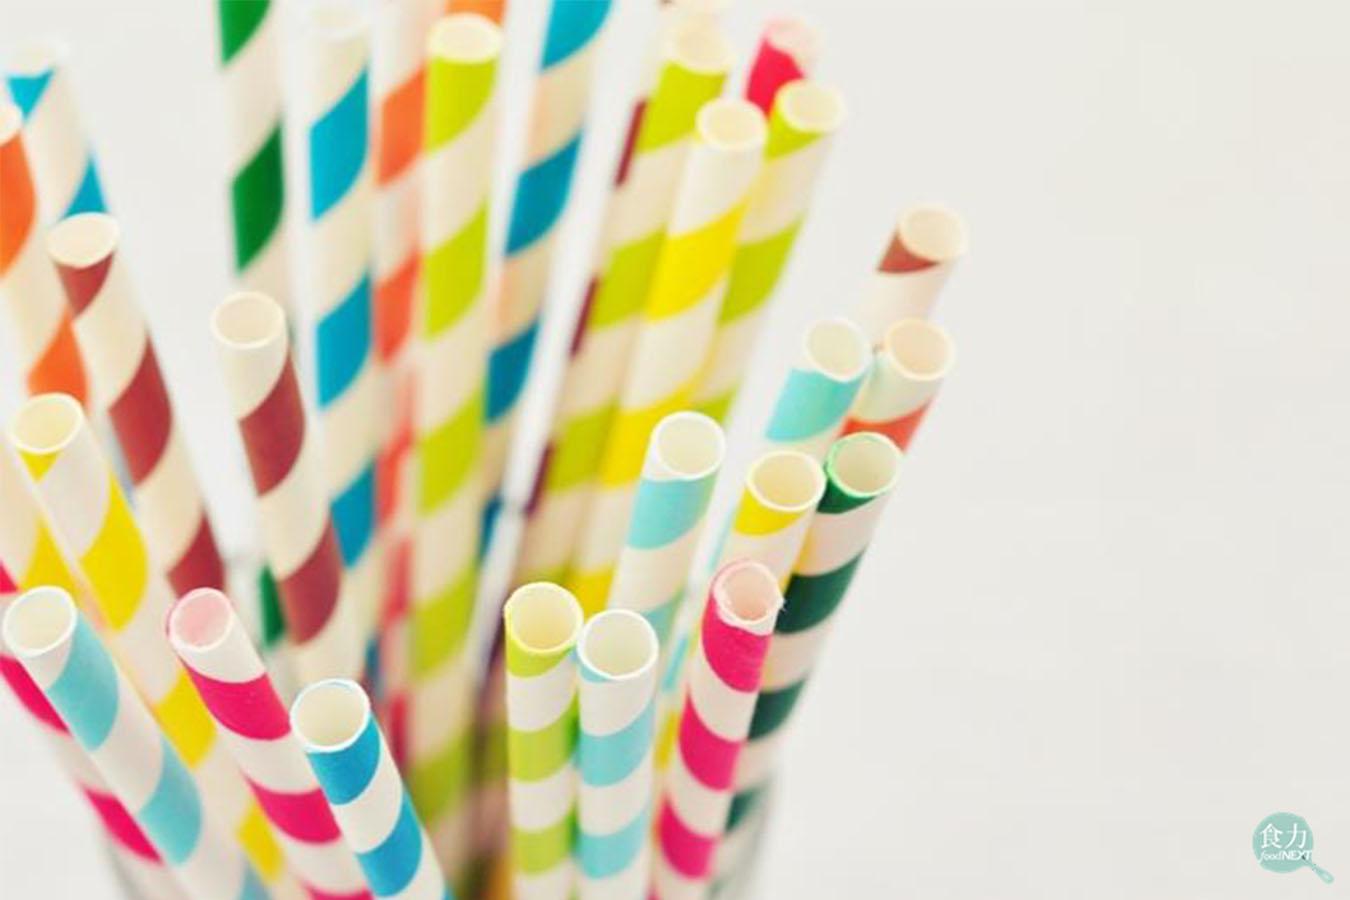 【TGA x 食力】除了紙吸管,飲料還能有哪一些環保設計?